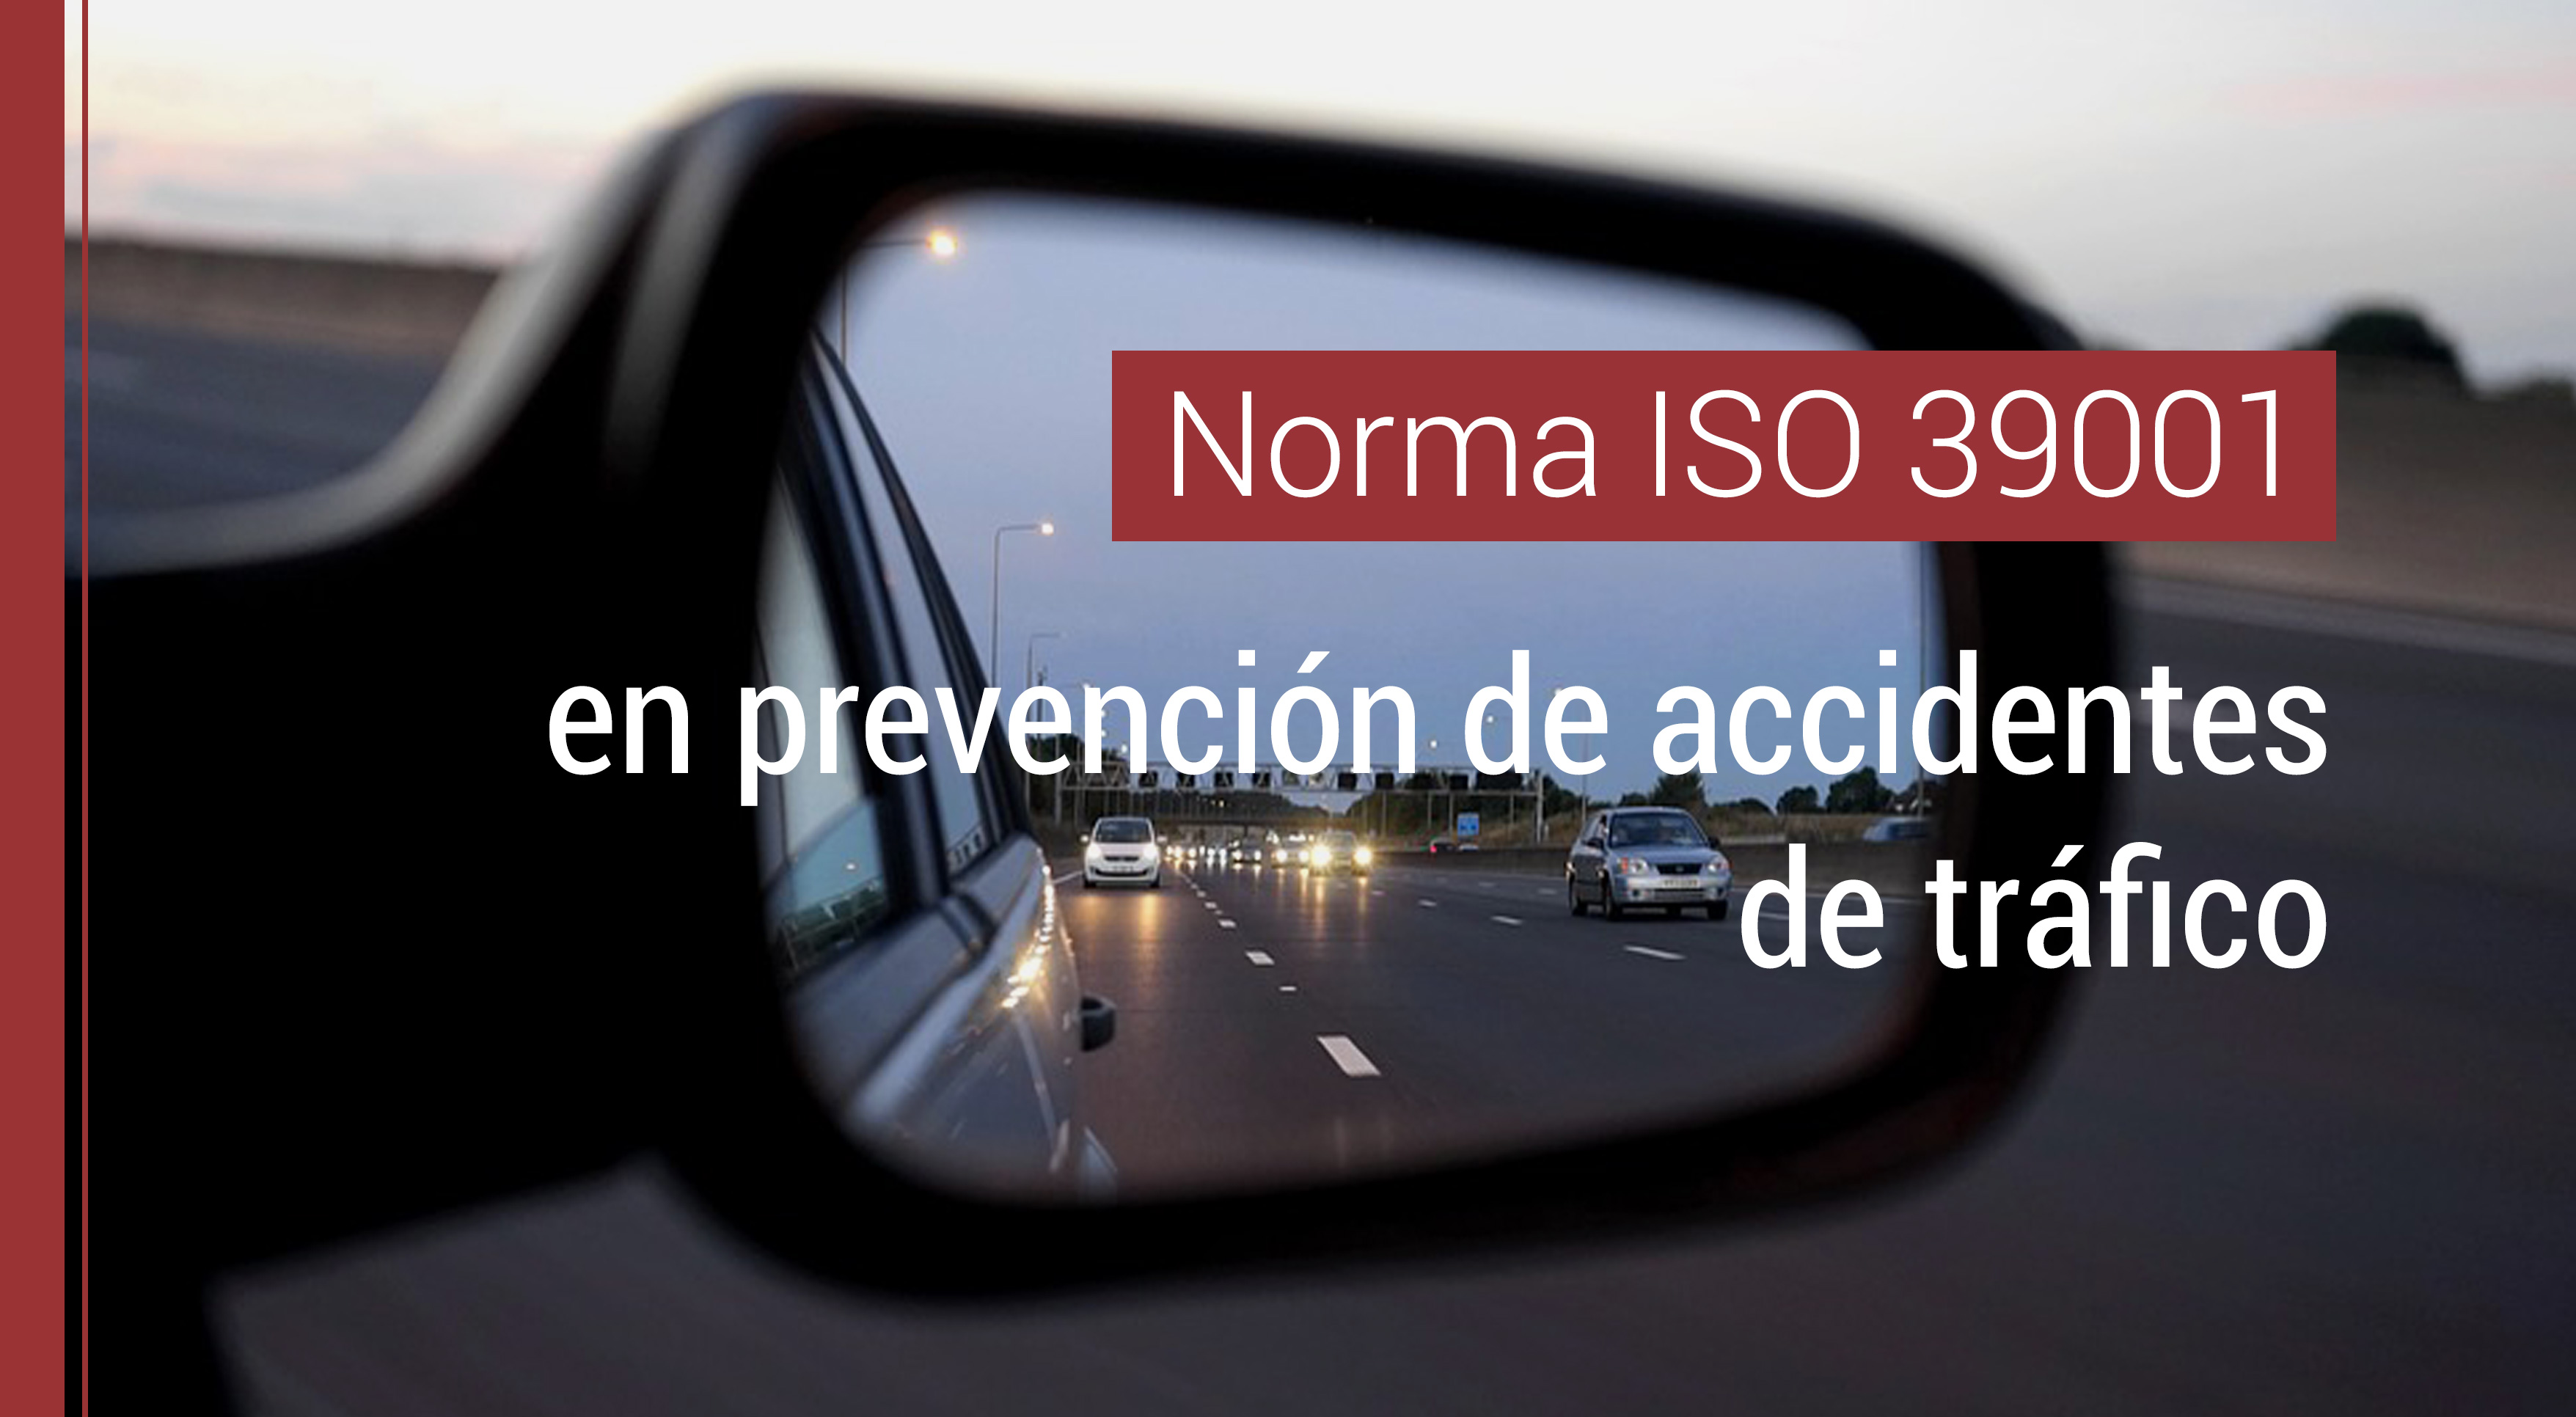 norma-ISO-39001-prevencion-accidentes-de-trafico La Norma ISO 39001 en la prevención de riesgos de accidentes de tráfico